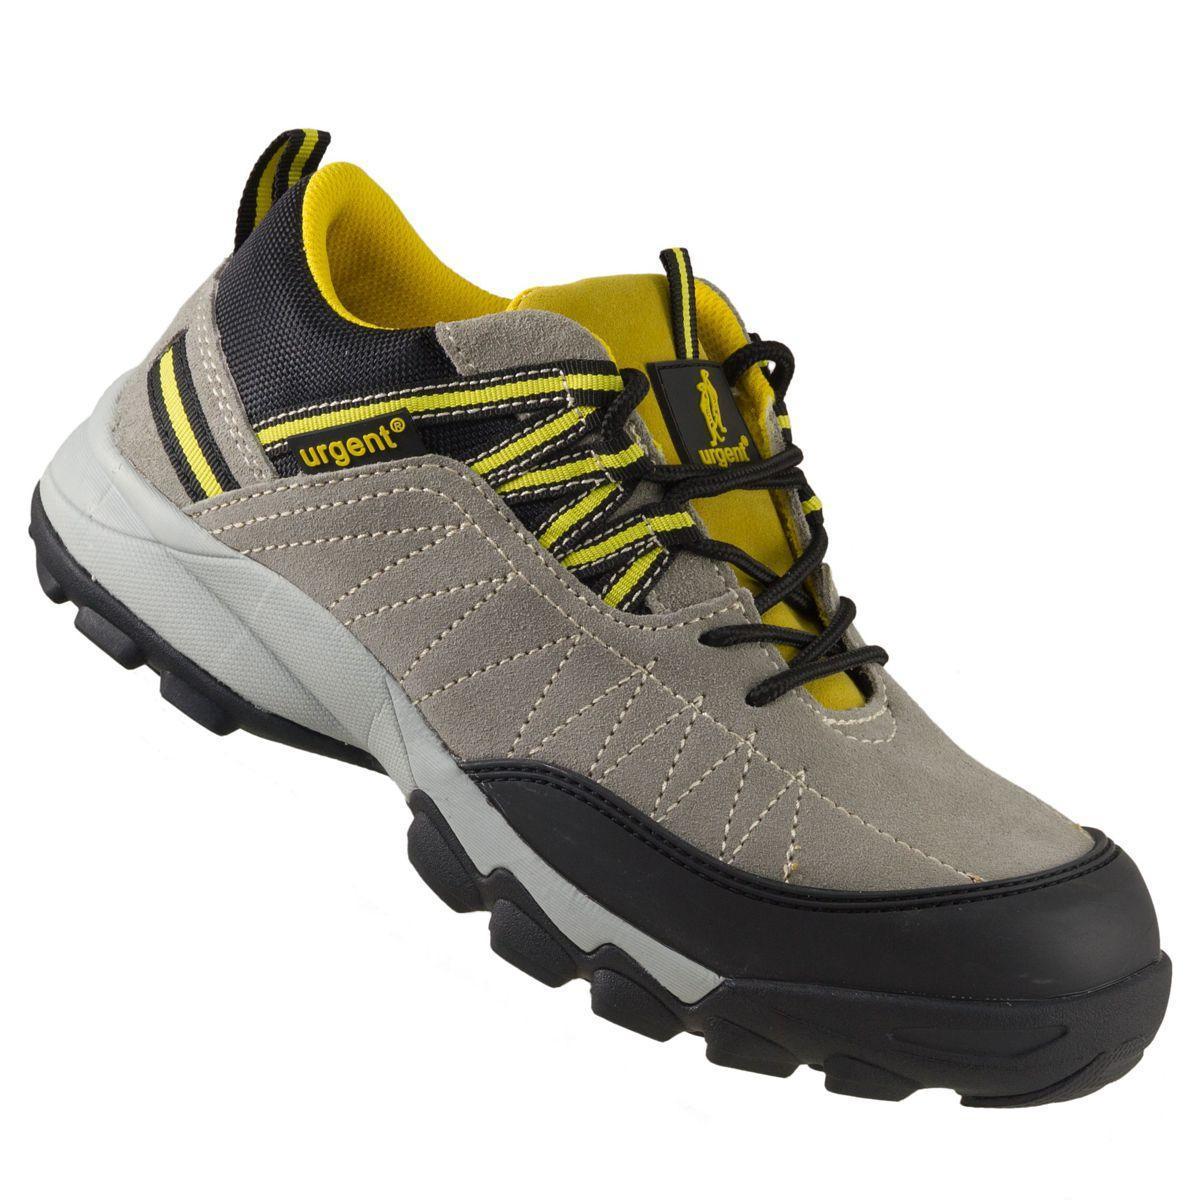 Кроссовки 234 S1 защитые с металлическим носком, черно-бежевого цвета.  URGENT (POLAND)  43